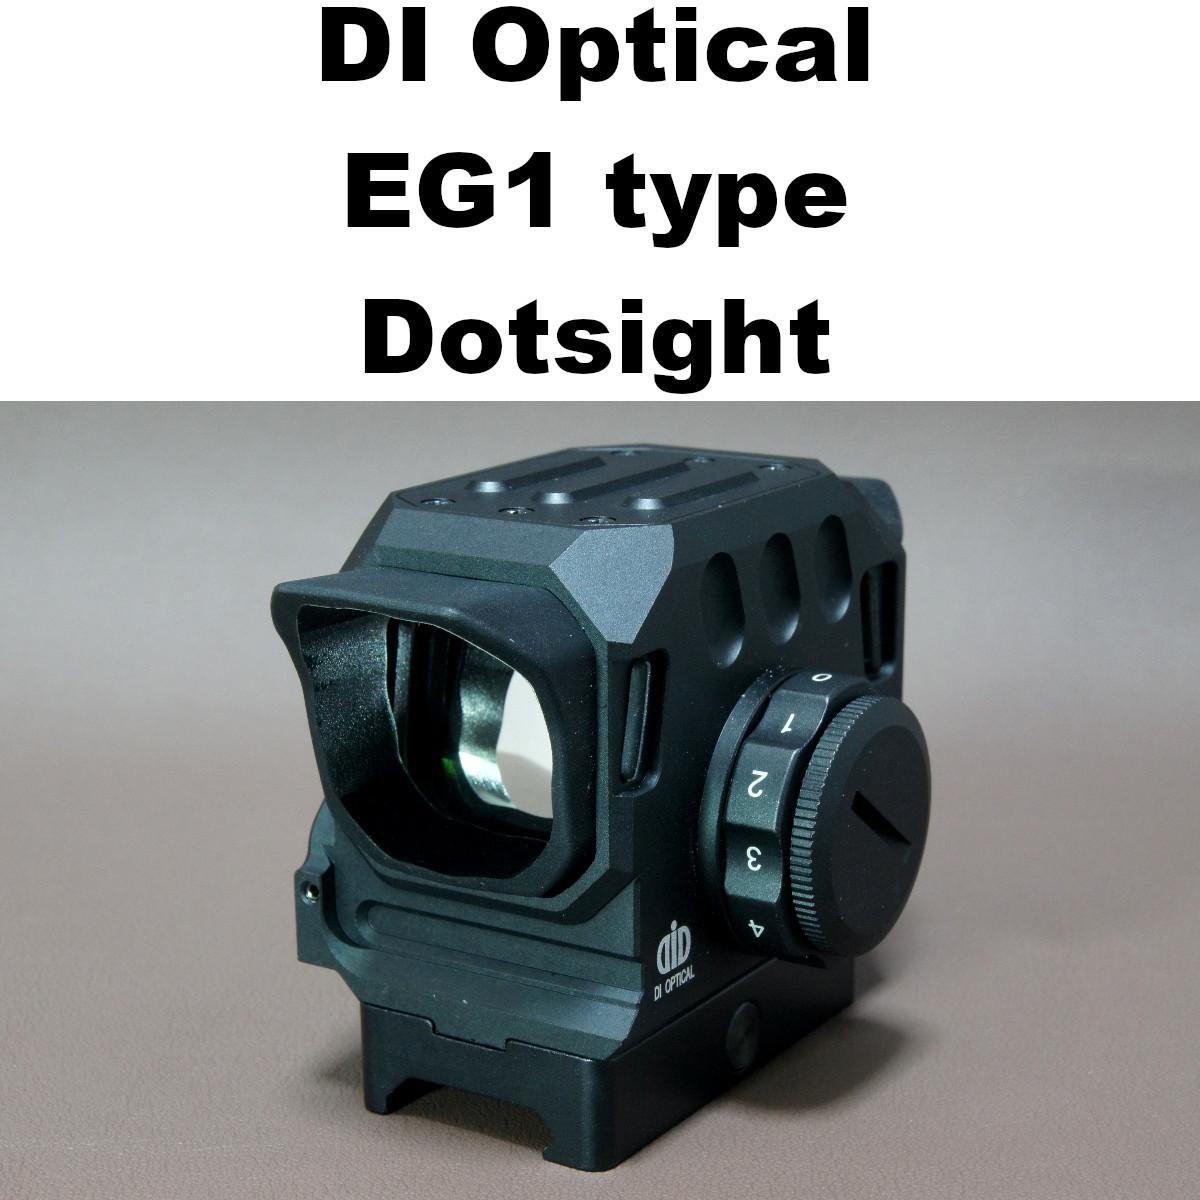 DI Optical EG1 タイプ ドットサイト 559-805 エアガン 電動ガン ガスガン スコープ_画像1